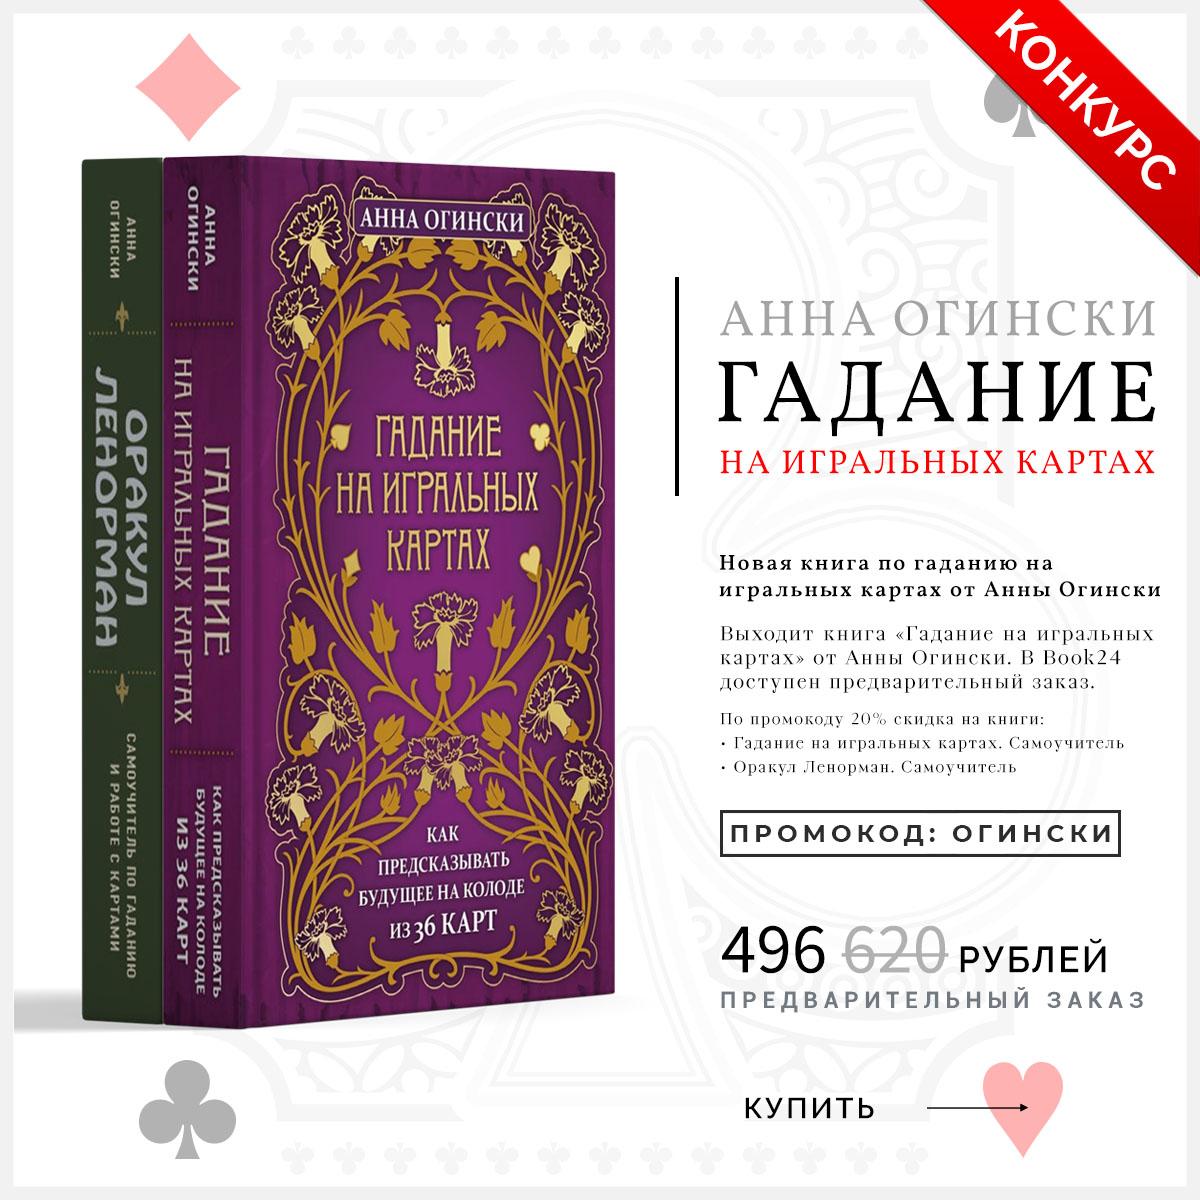 Акция на предварительный заказ книги «Гадание на игральных картах» от Анны Огински